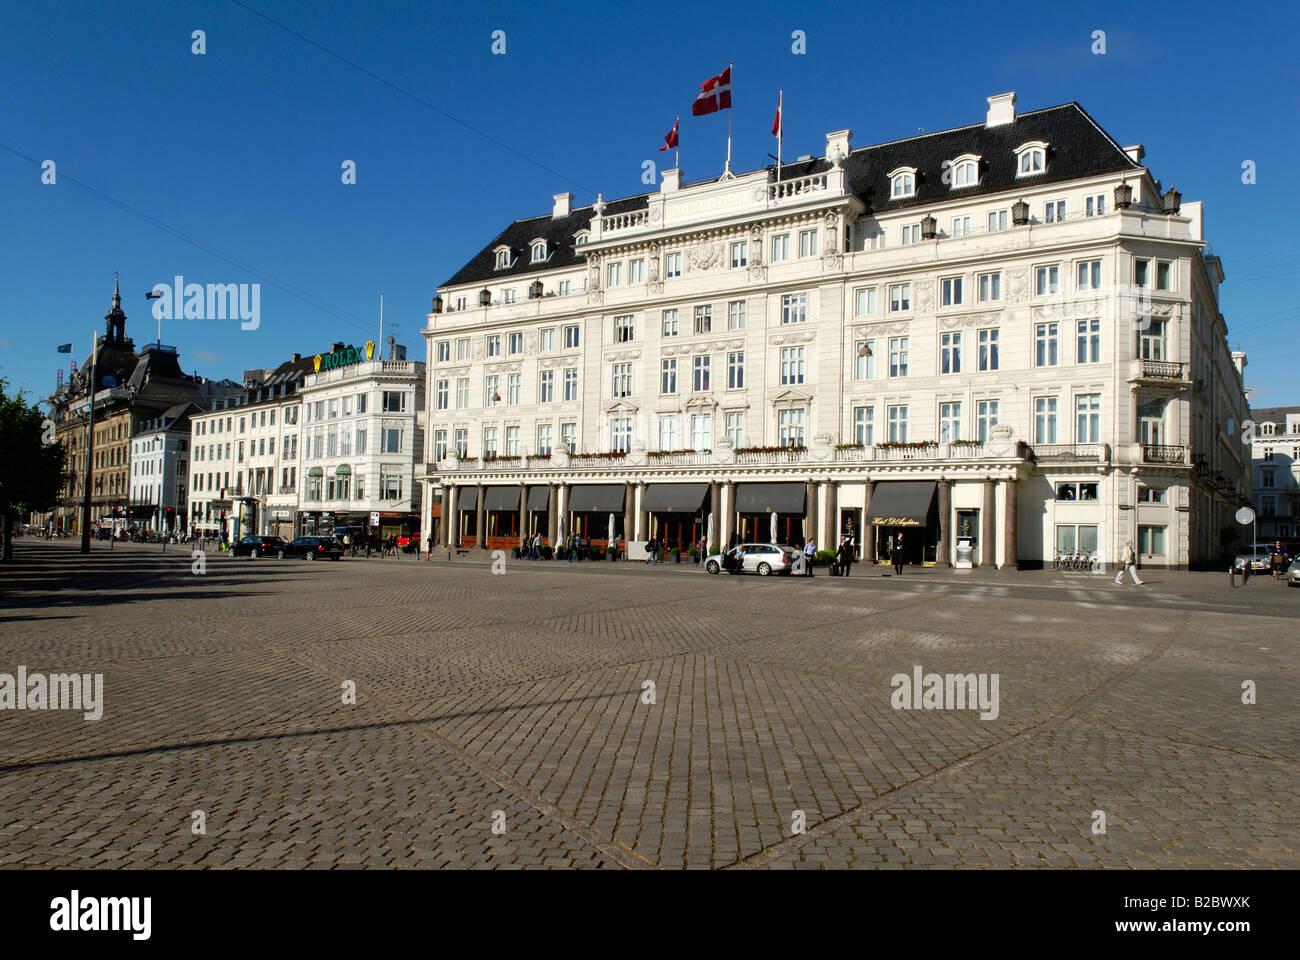 Historic Luxury Hotel d'Angleterre, Kongens Nytorv, Copenhagen, Denmark, Scandinavia, Europe - Stock Image